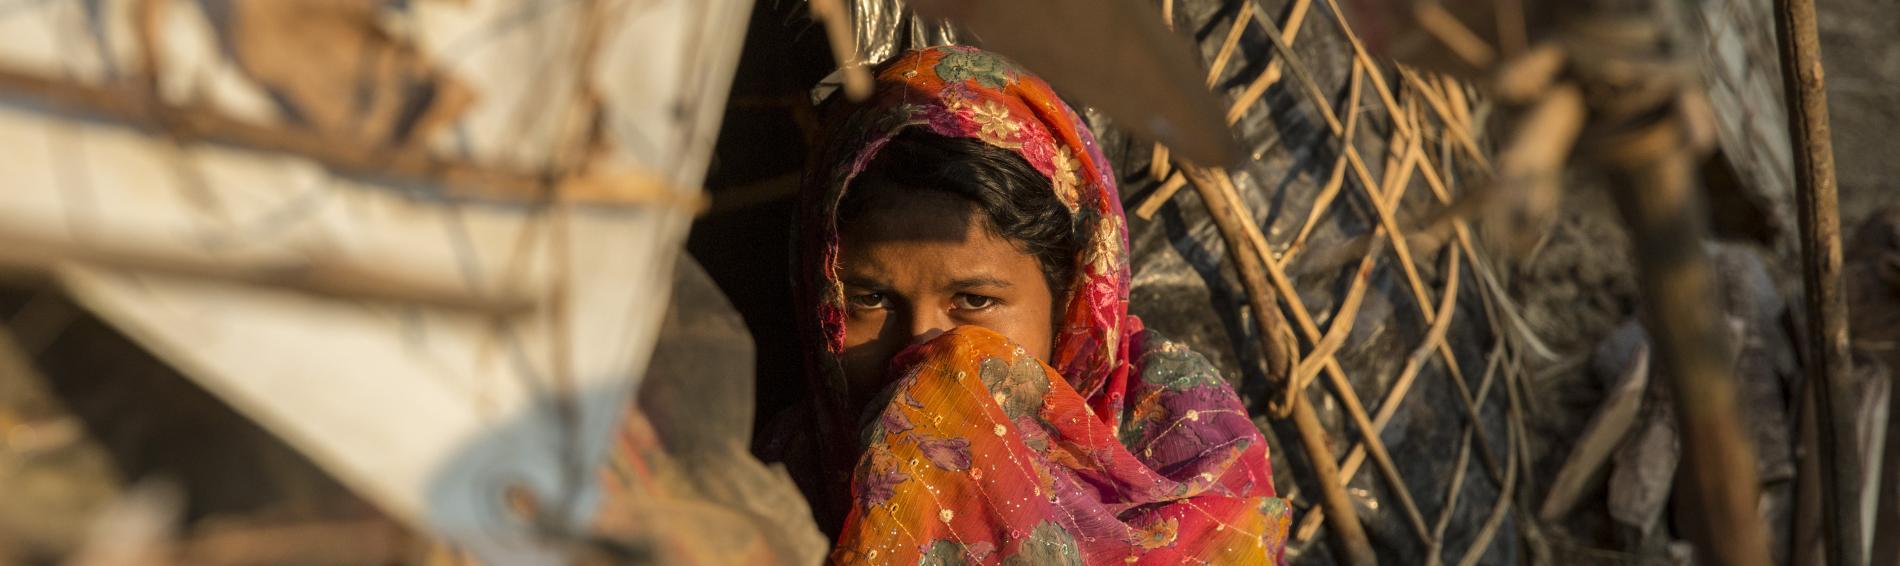 Geflüchtetes Kind in Bangladesch. Foto: Arnaud Finistre